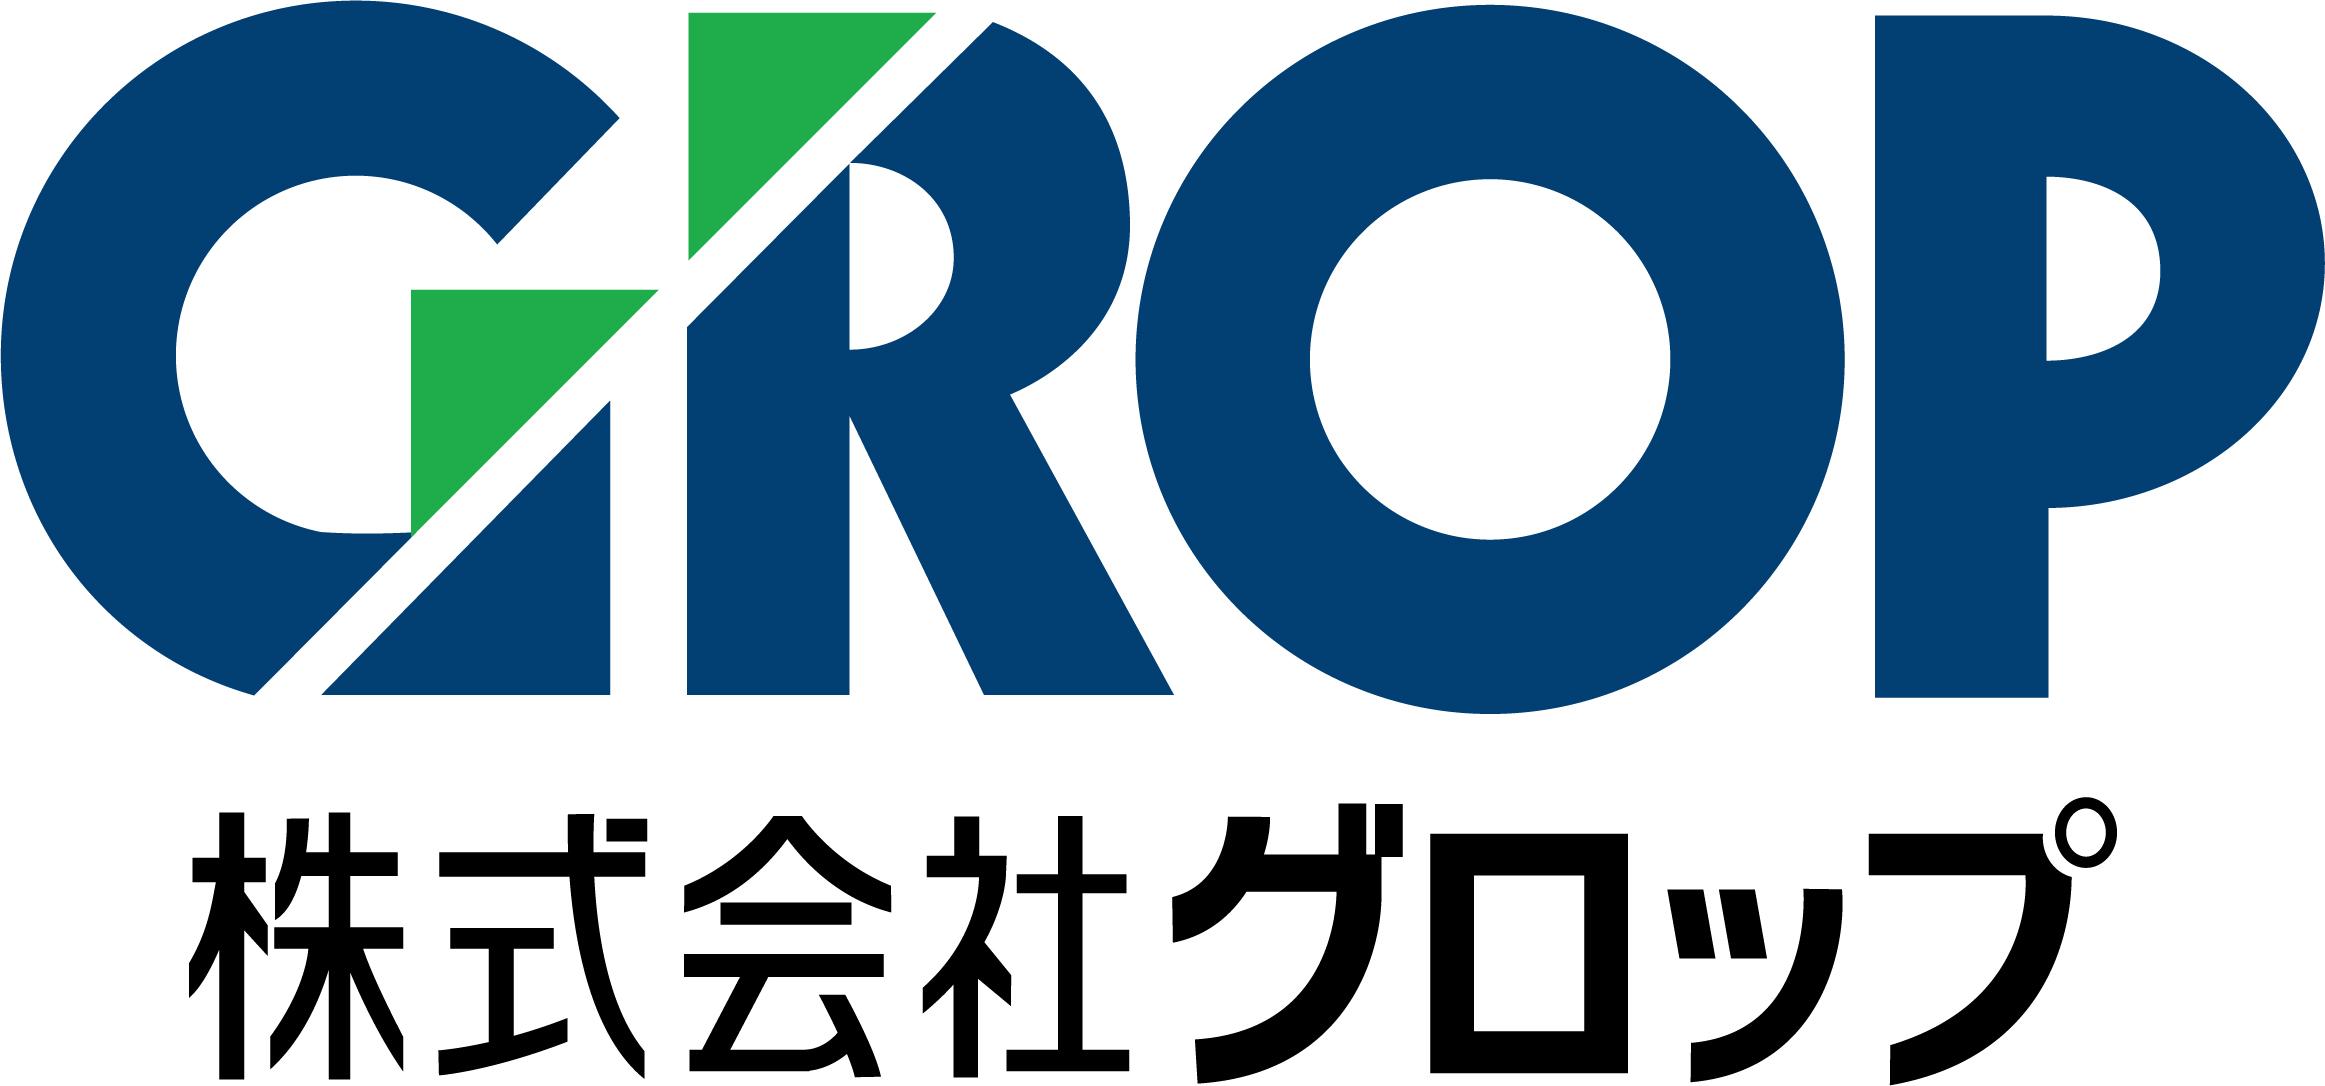 株式会社グロップ 弘前コンタクトセンター